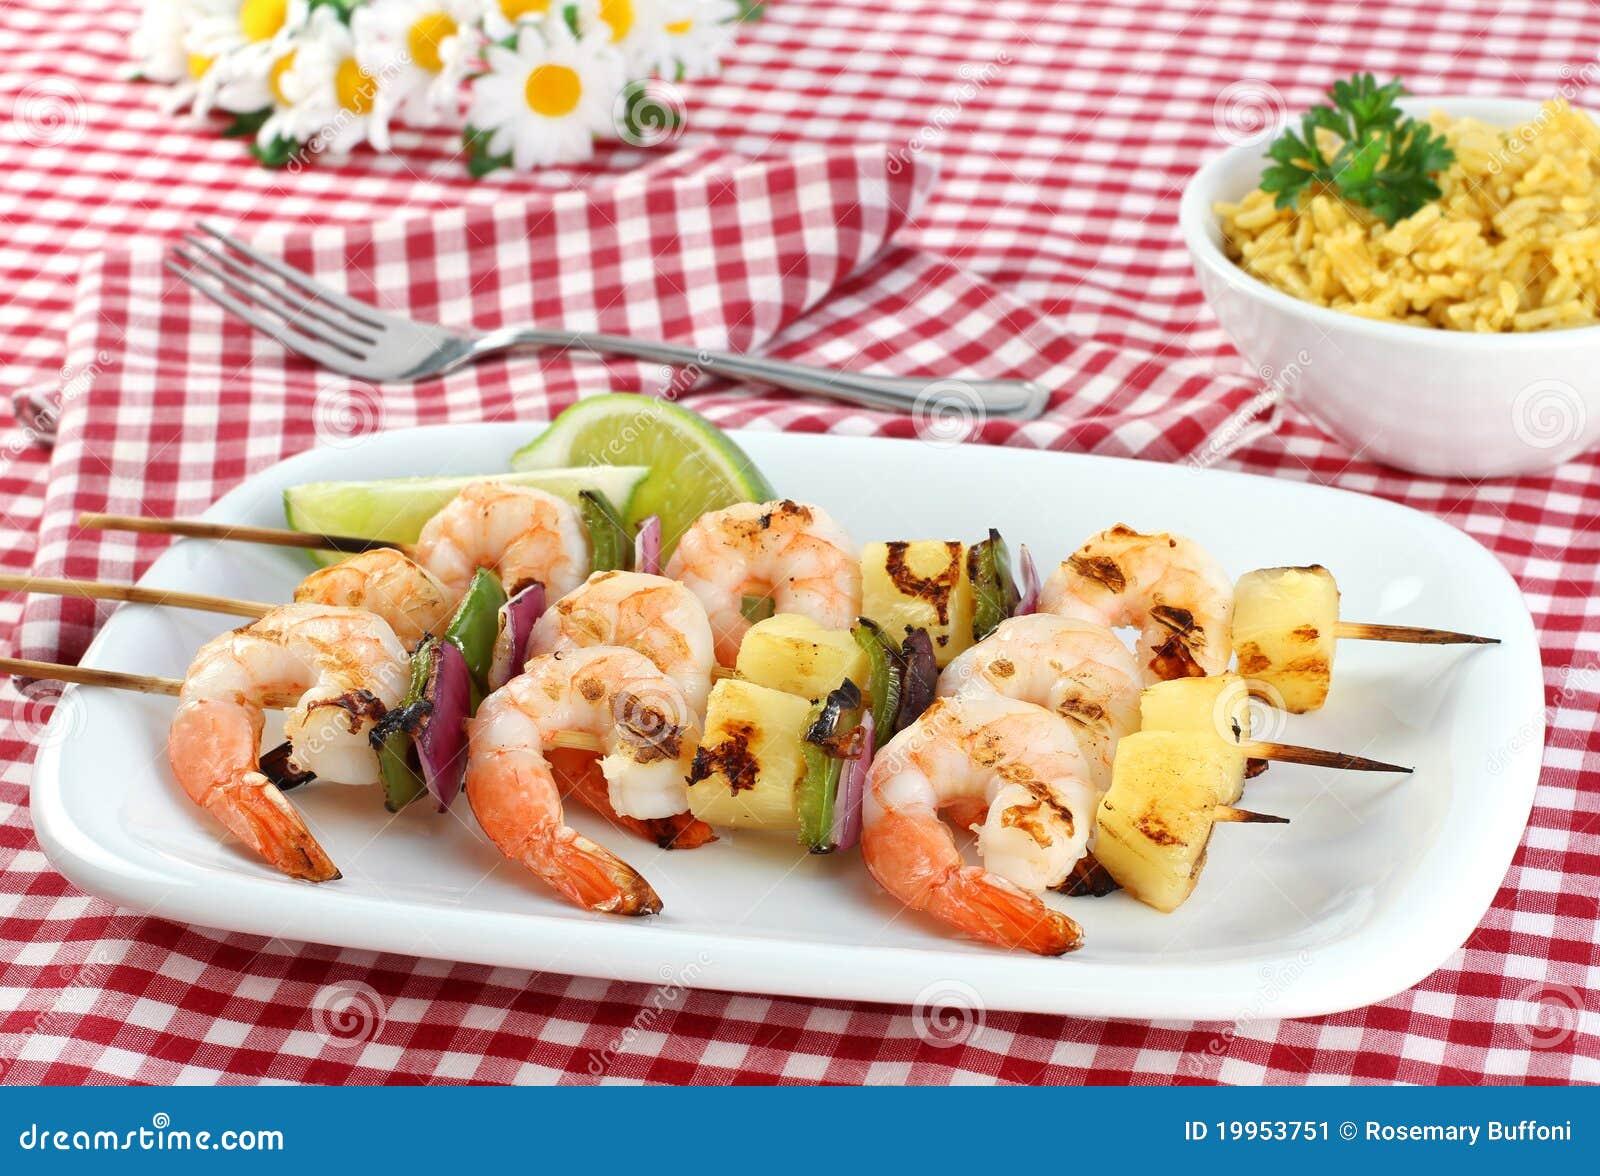 Barbecued Shrimp Kabobs